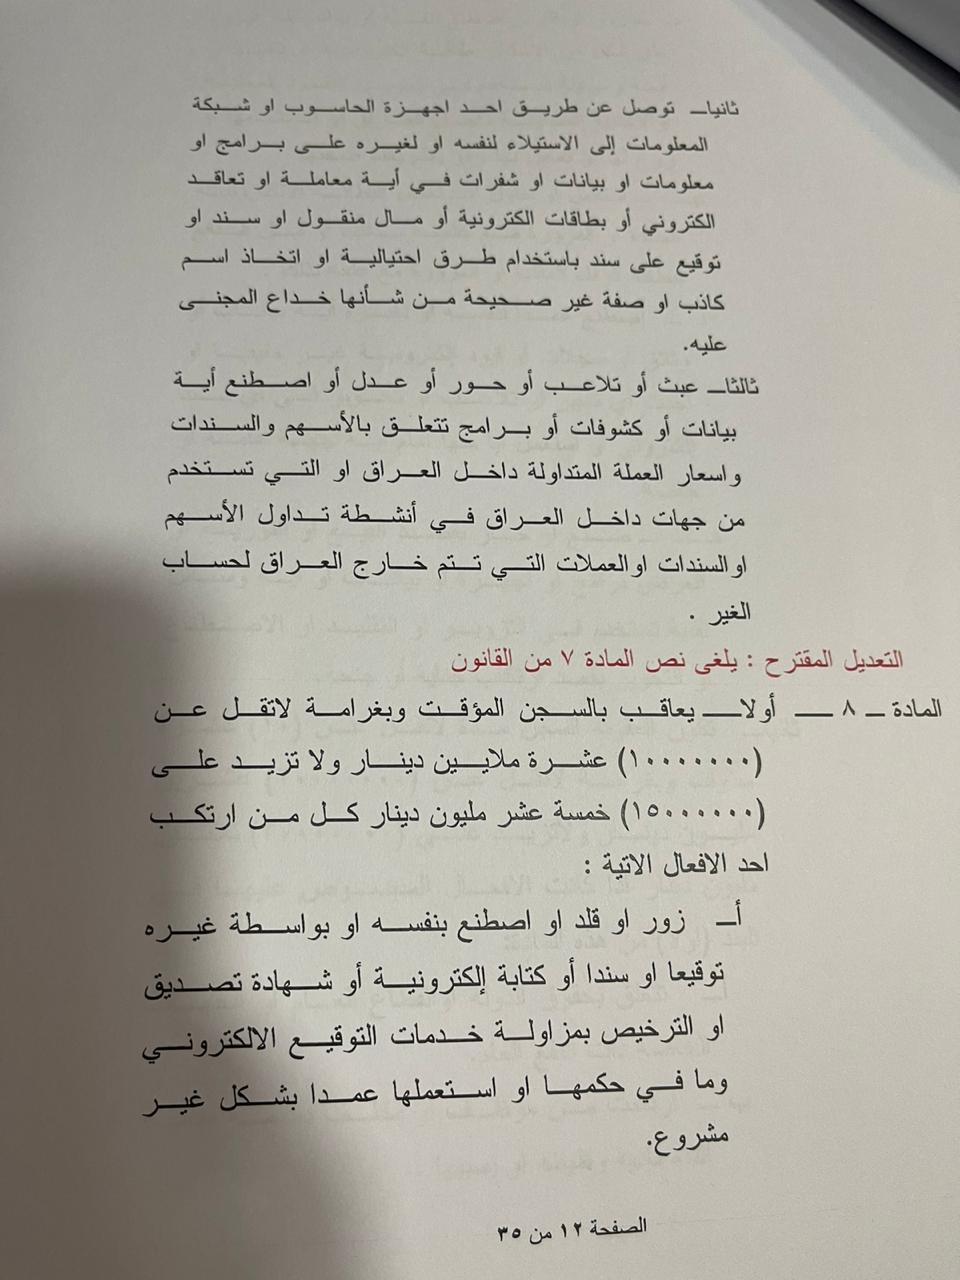 بالوثائق ..(واخ) تنشر مشروع قانون جرائم المعلوماتية